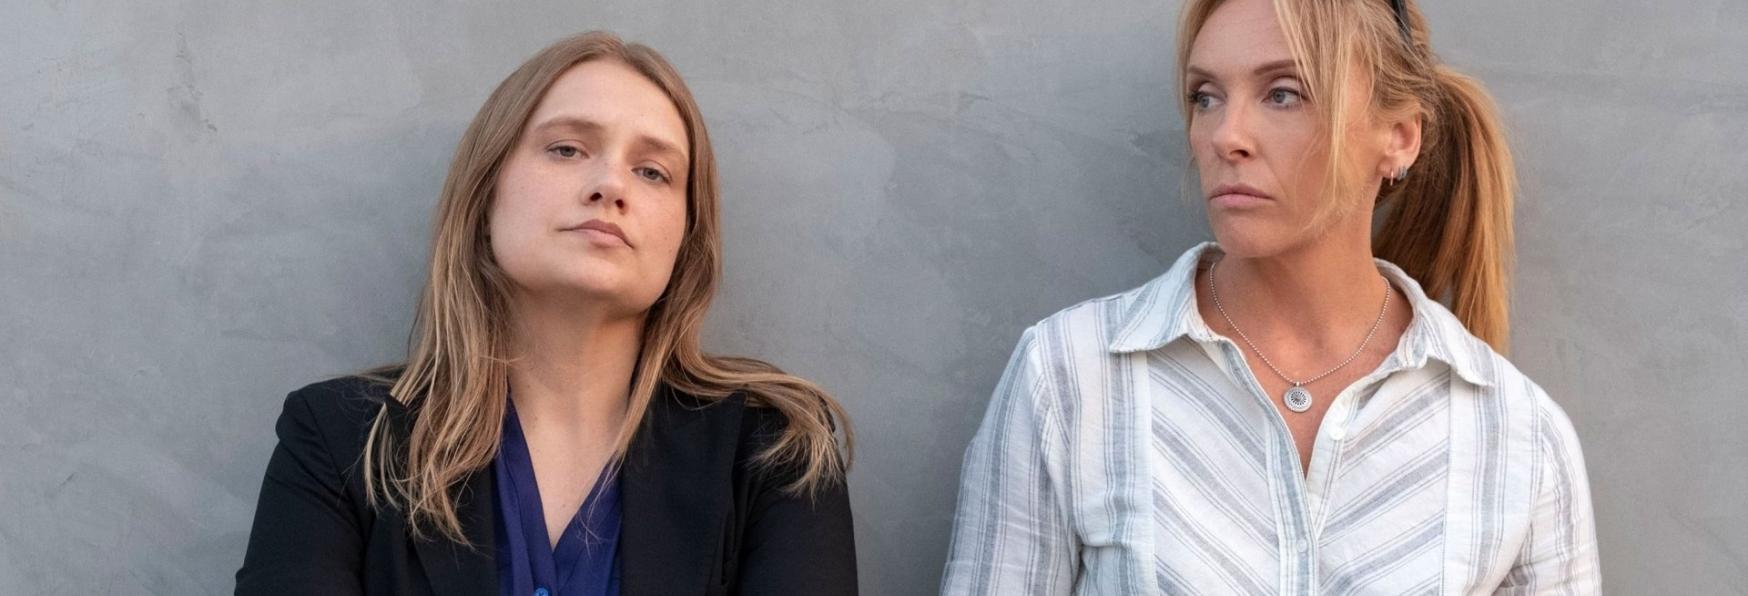 Unbelievable: la Recensione della Miniserie TV targata Netflix